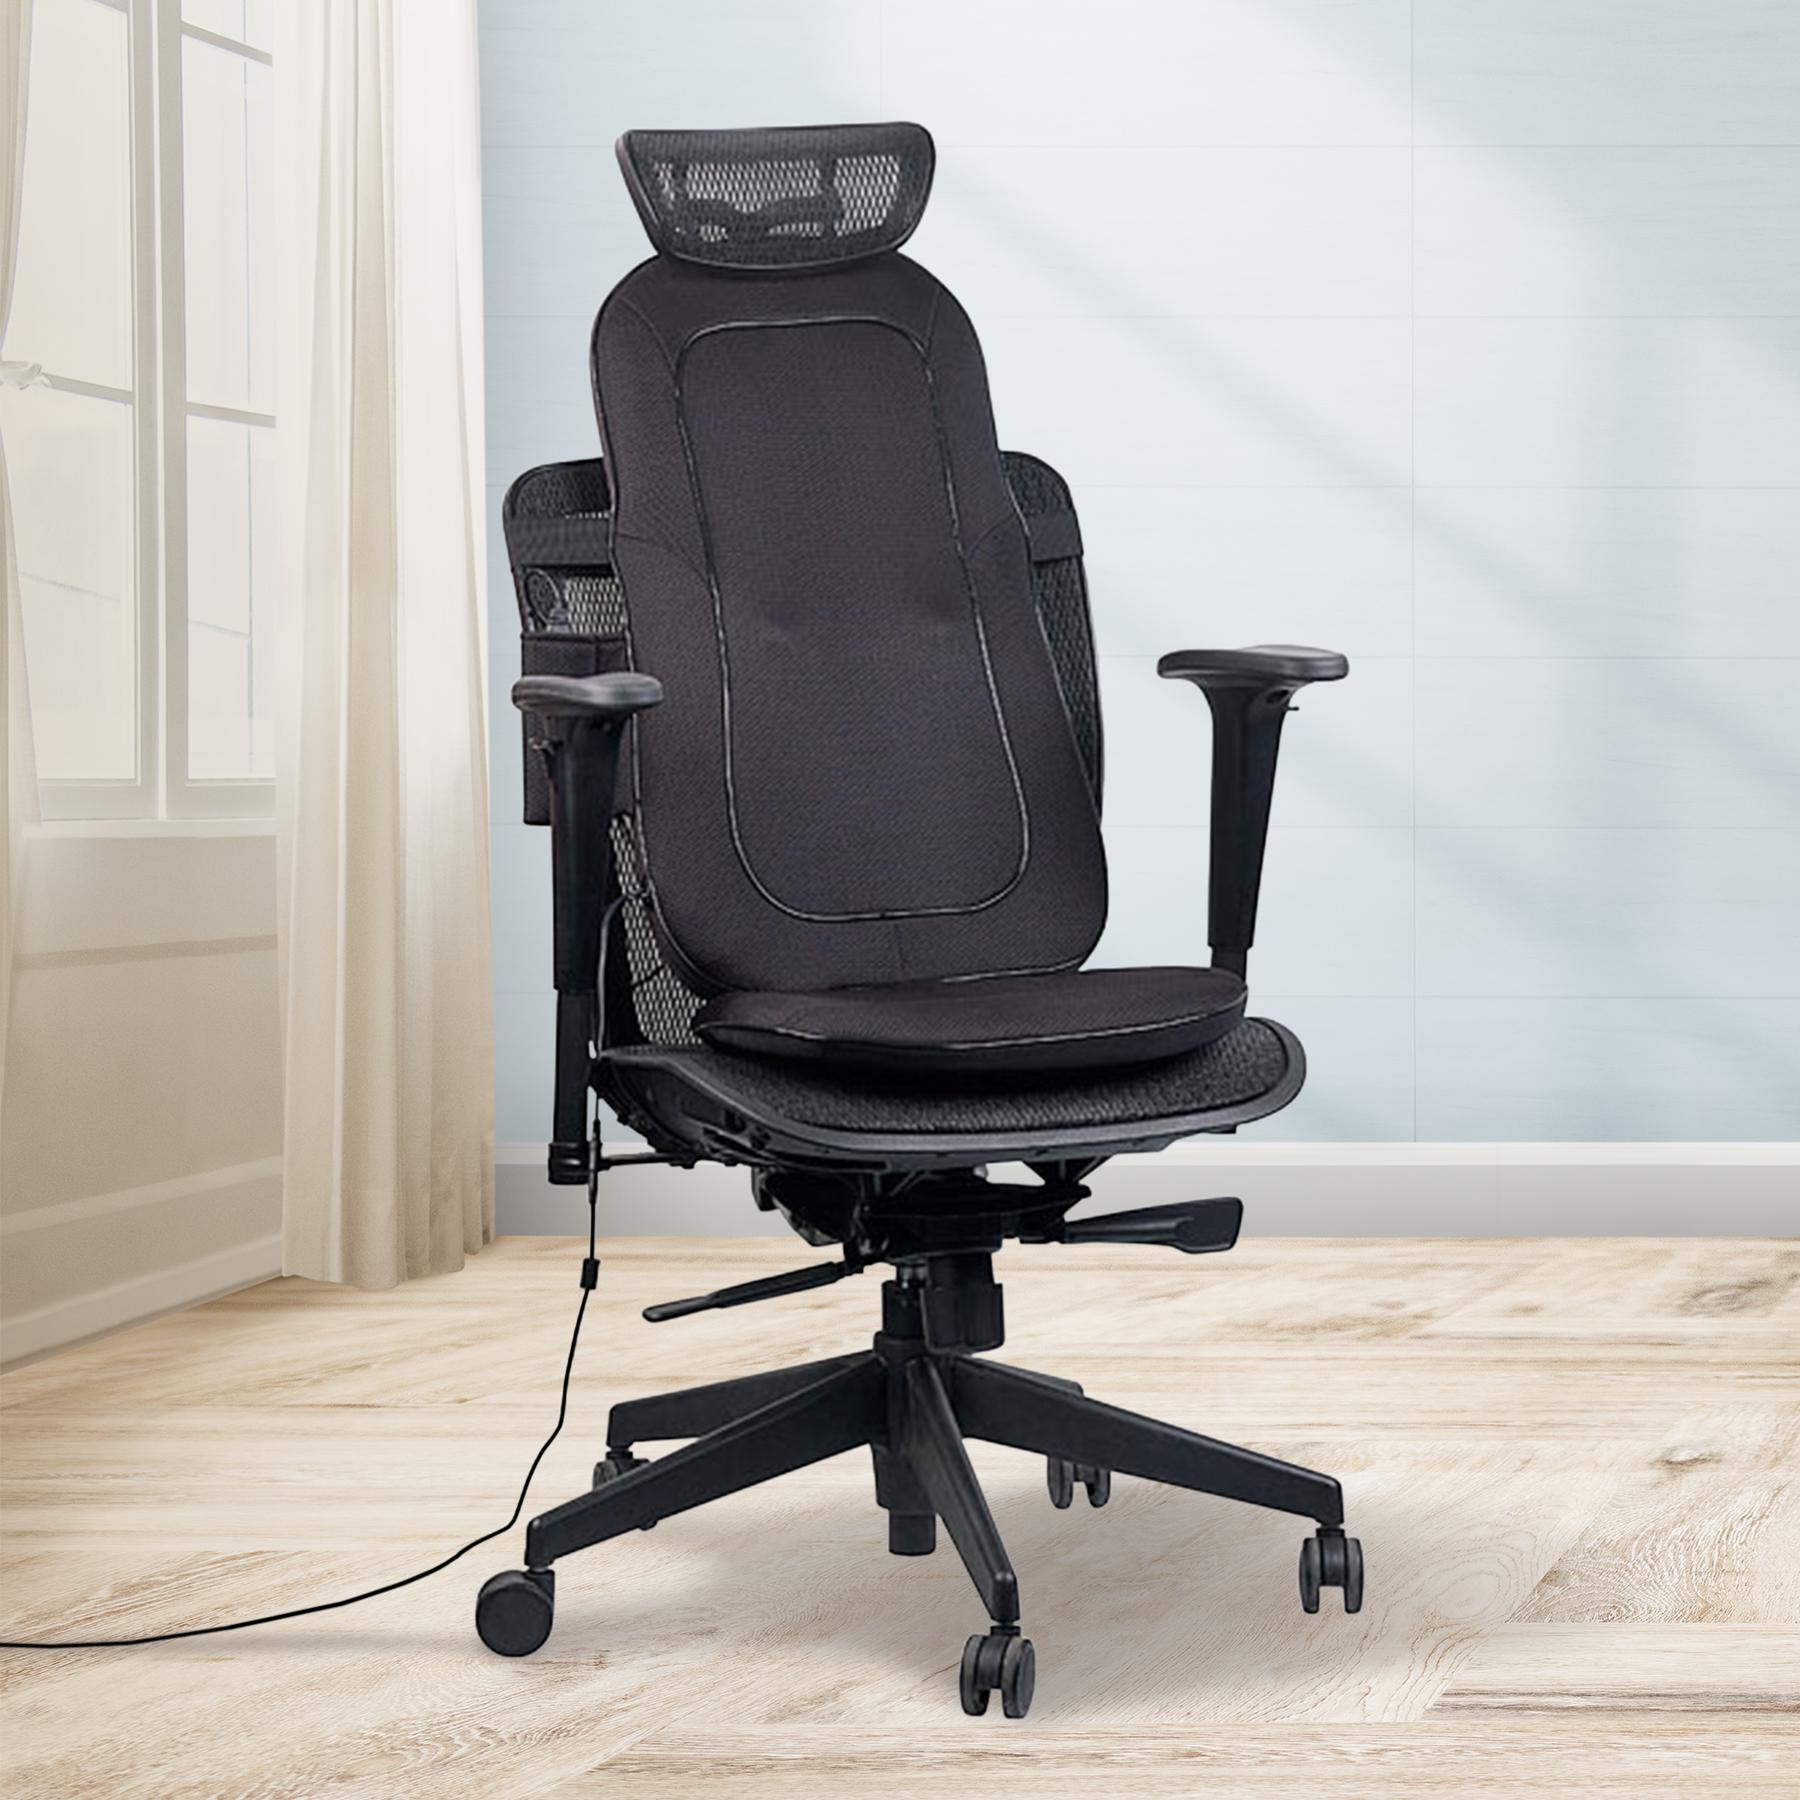 Massagematte mit Wärmefunktion - Sitzauflage Deluxe - 3